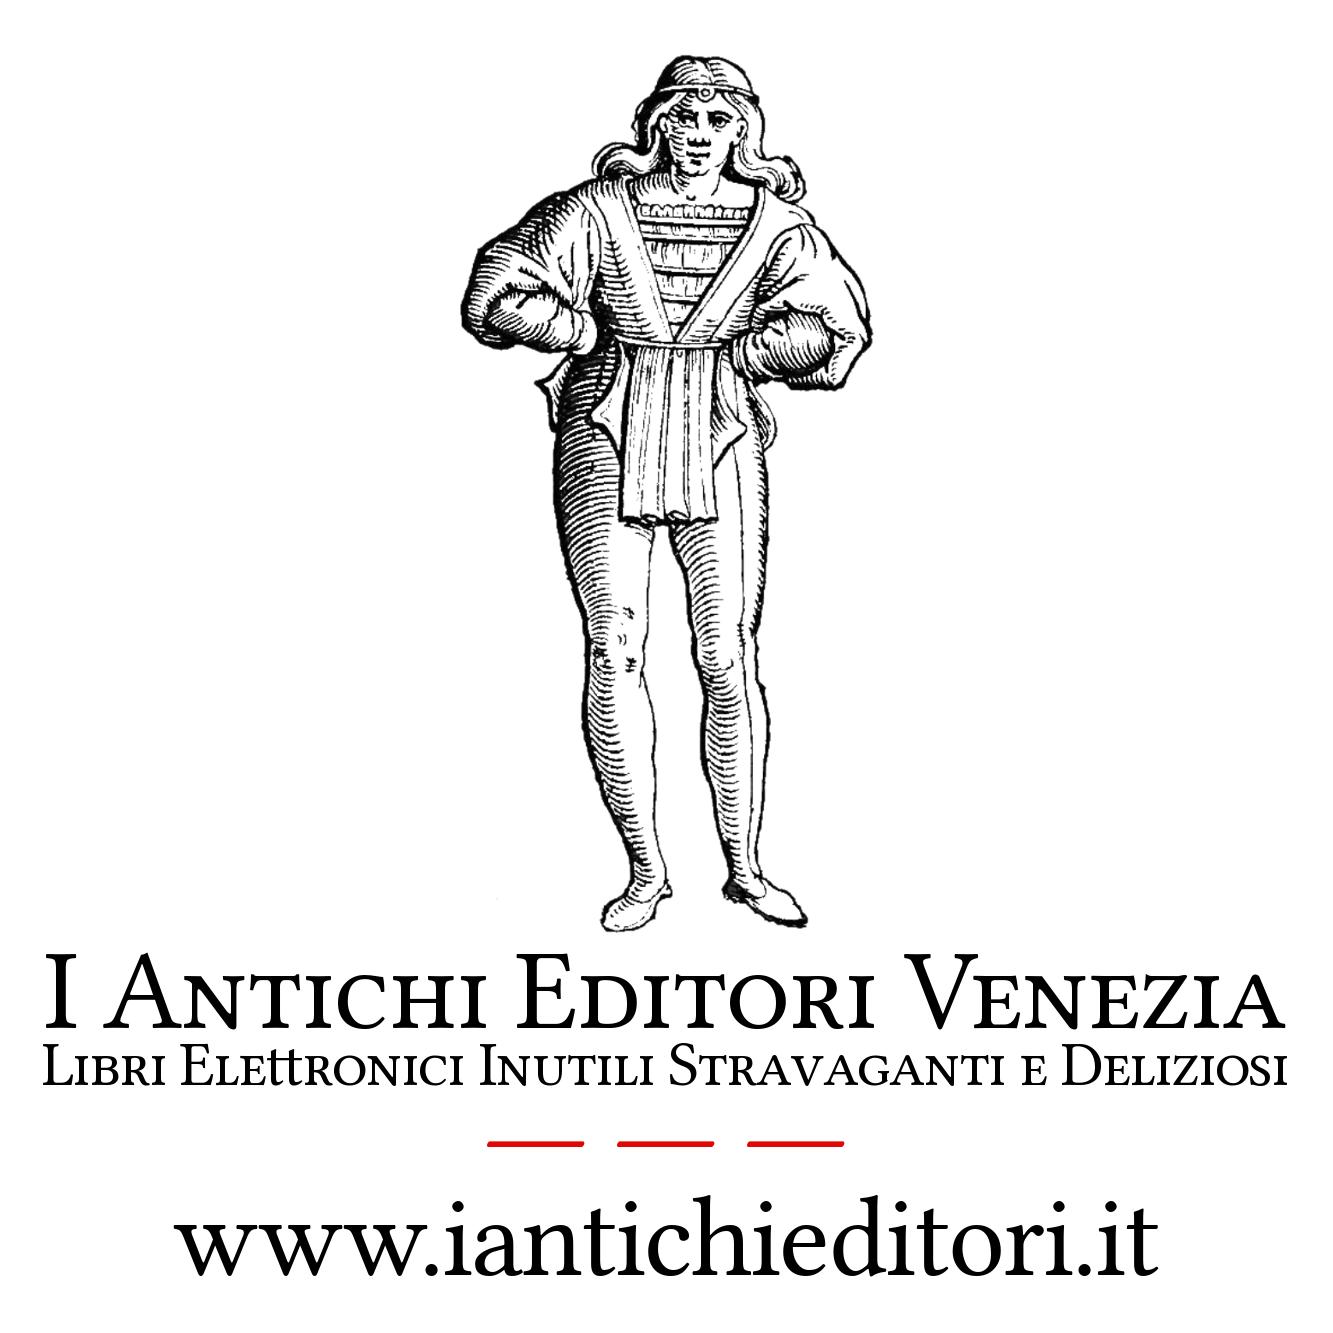 I Antichi Editori Venezia - www.iantichieditori.it